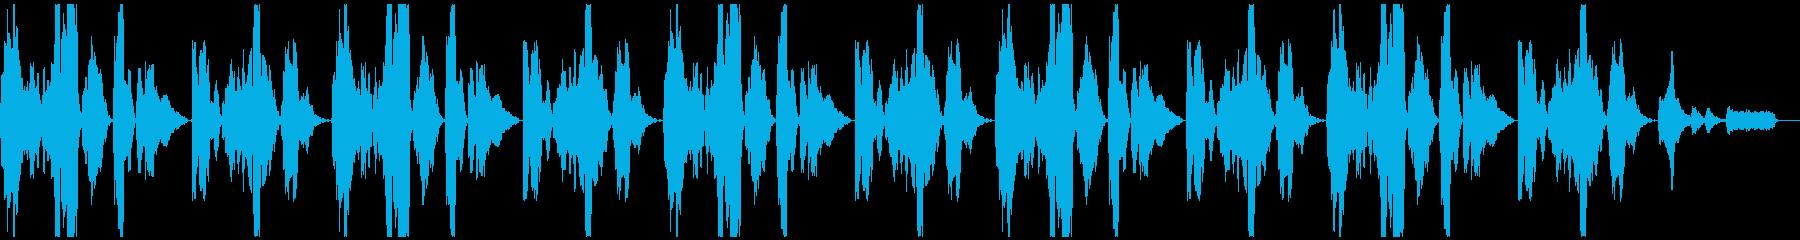 勇壮なトランペットのファンファーレBGMの再生済みの波形